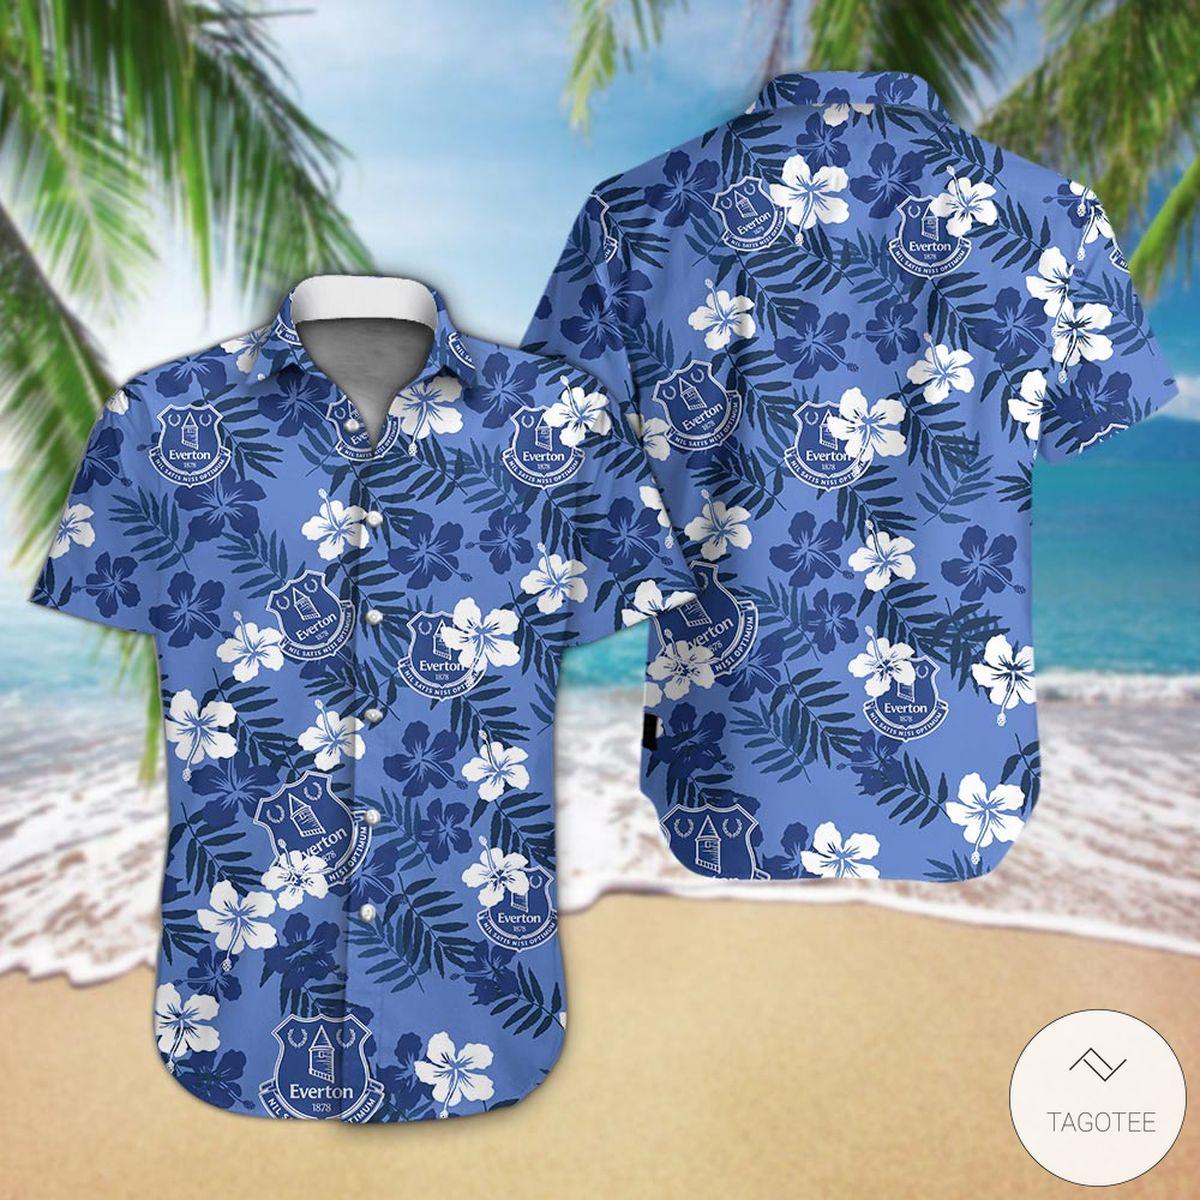 Everton F.C Hawaiian Shirtz